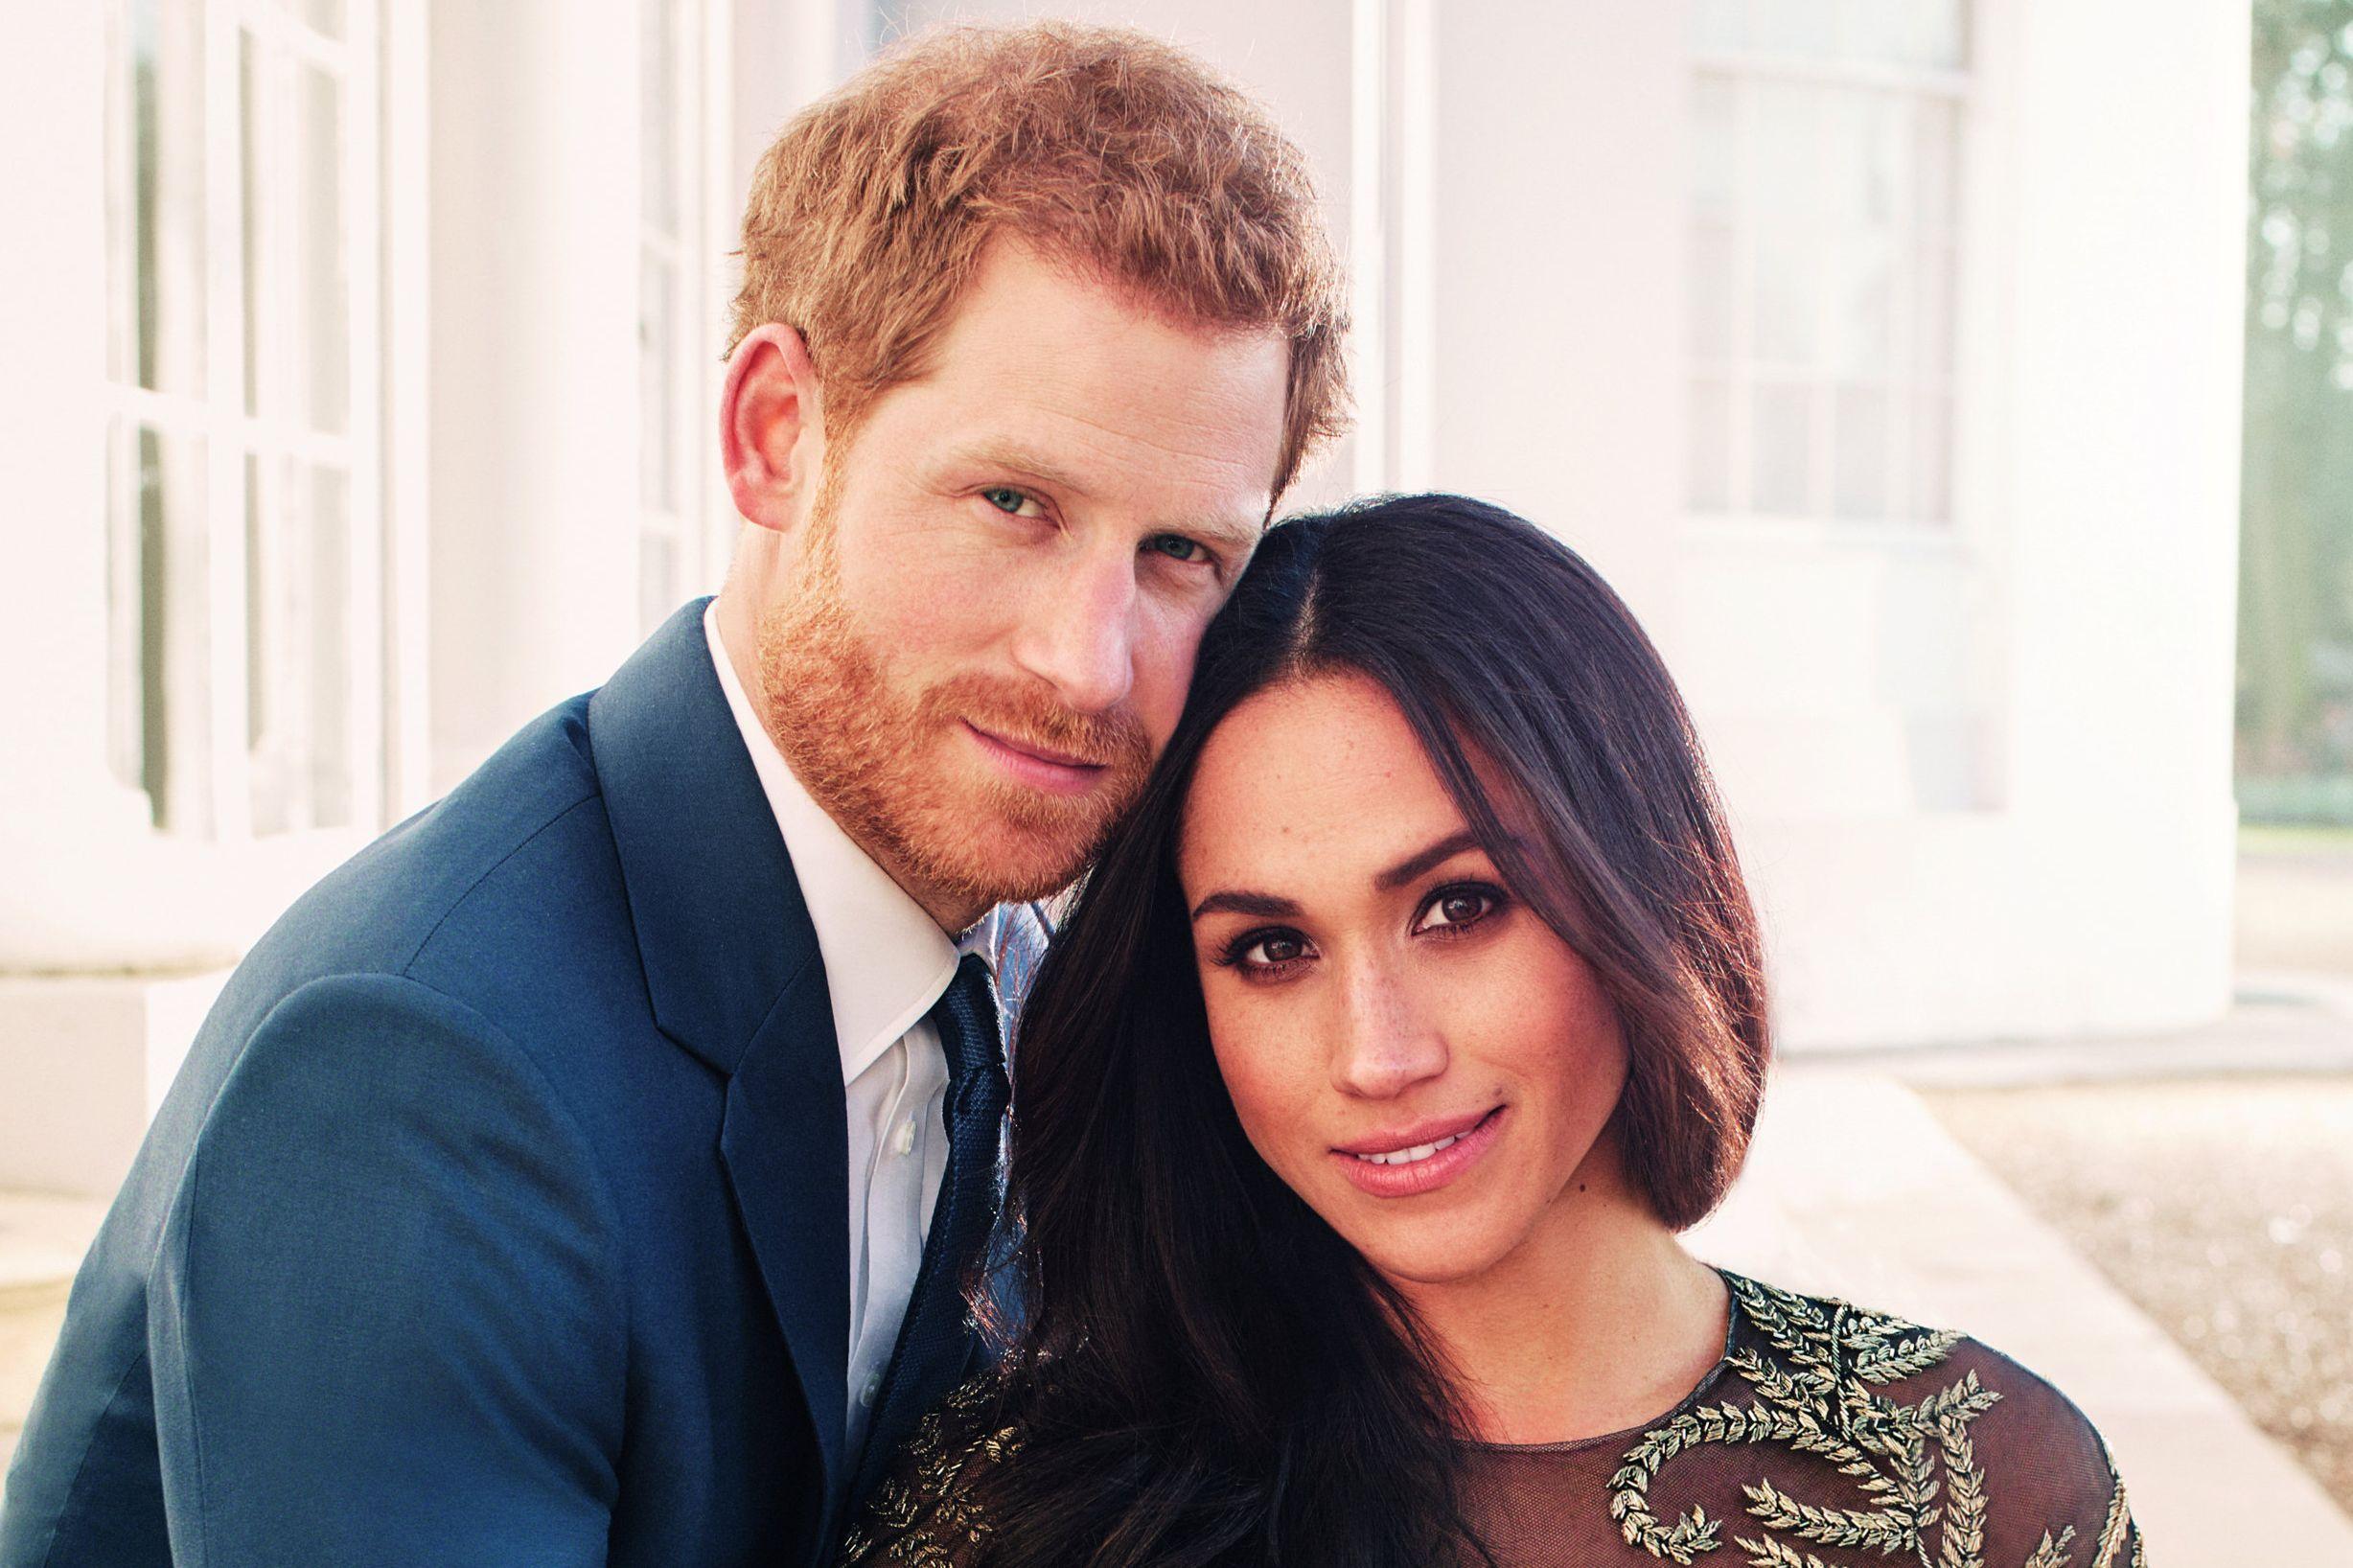 Тайна раскрыта: принц Гарри и Меган Маркл приобрели новый особняк